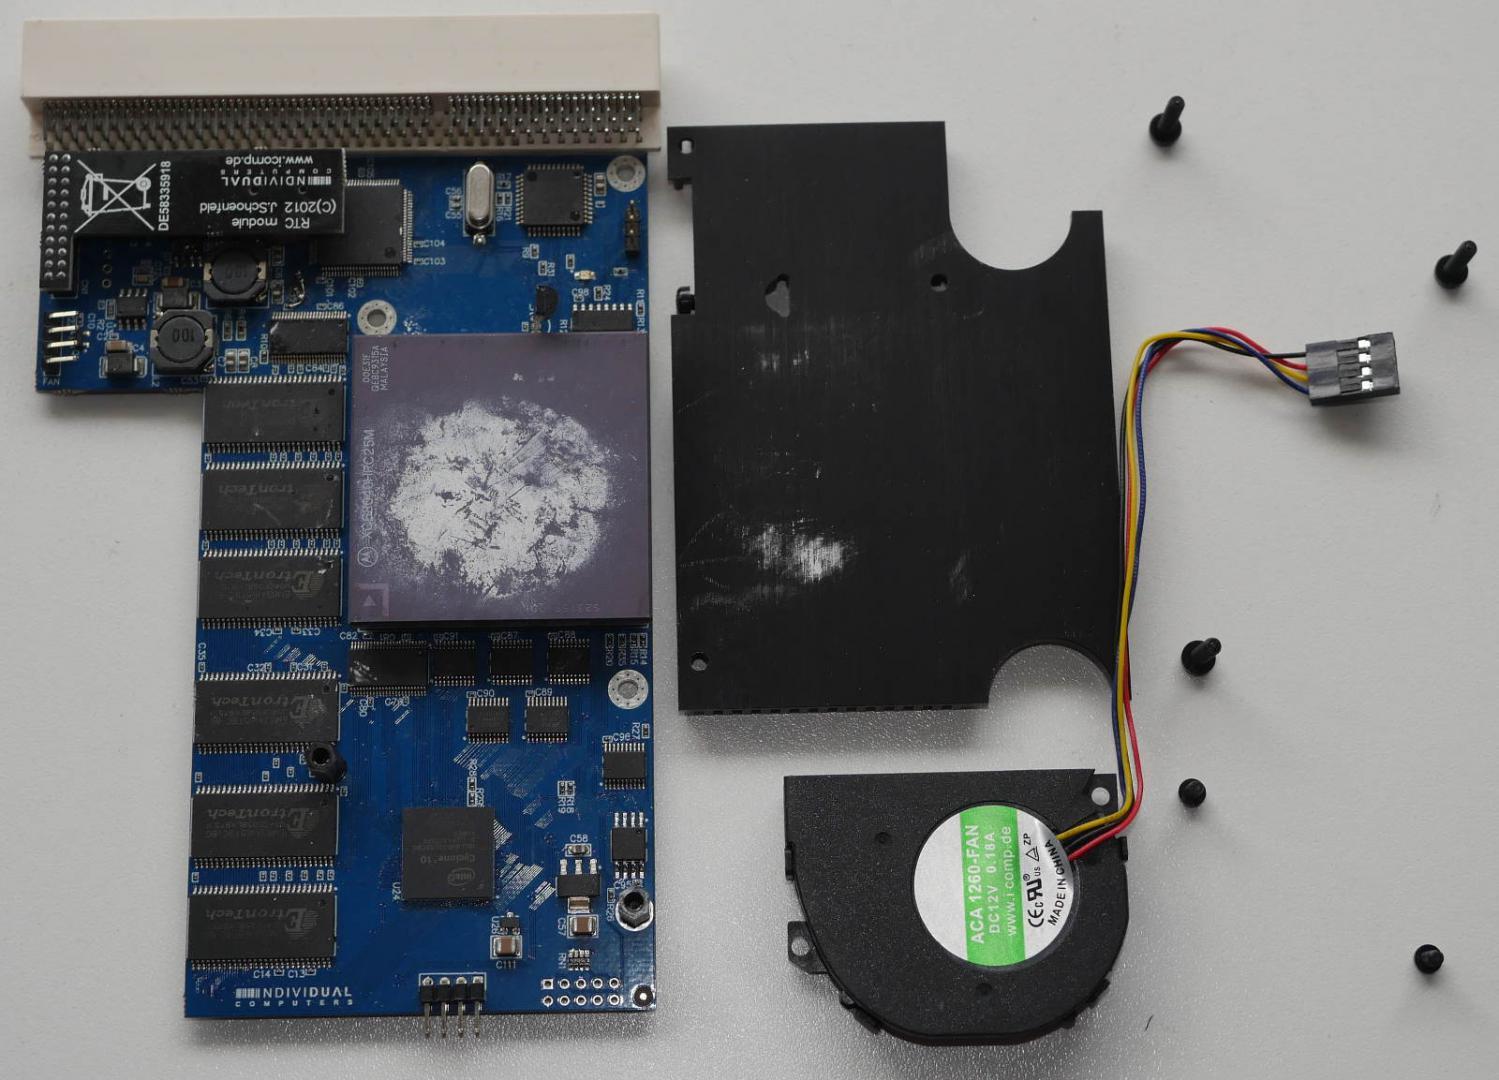 Klikněte na obrázek pro zobrazení větší verze  Název: ACA1260_Cooling_parts.jpg Zobrazeno: 67 Velikost: 167,9 KB ID: 9937